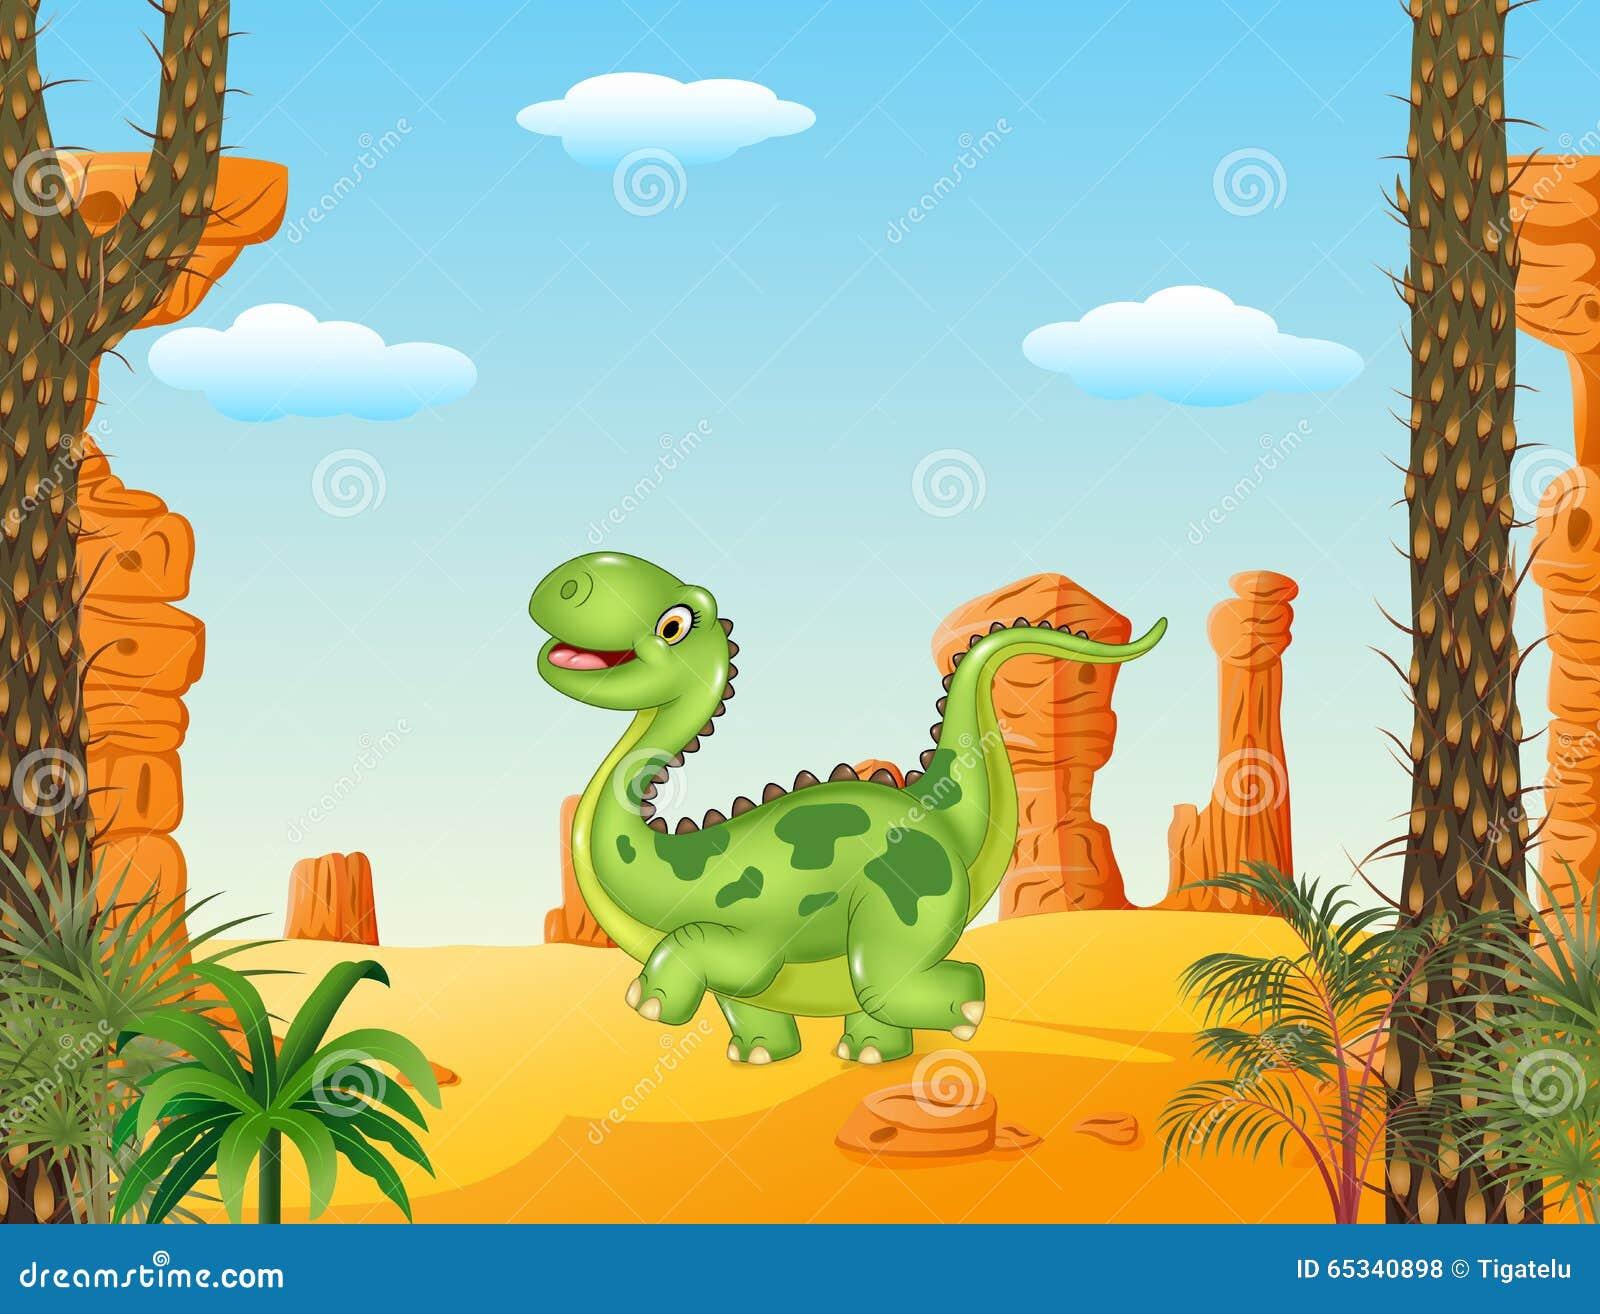 Kreskówka śmieszny chodzący dinosaur w pustynnym tle